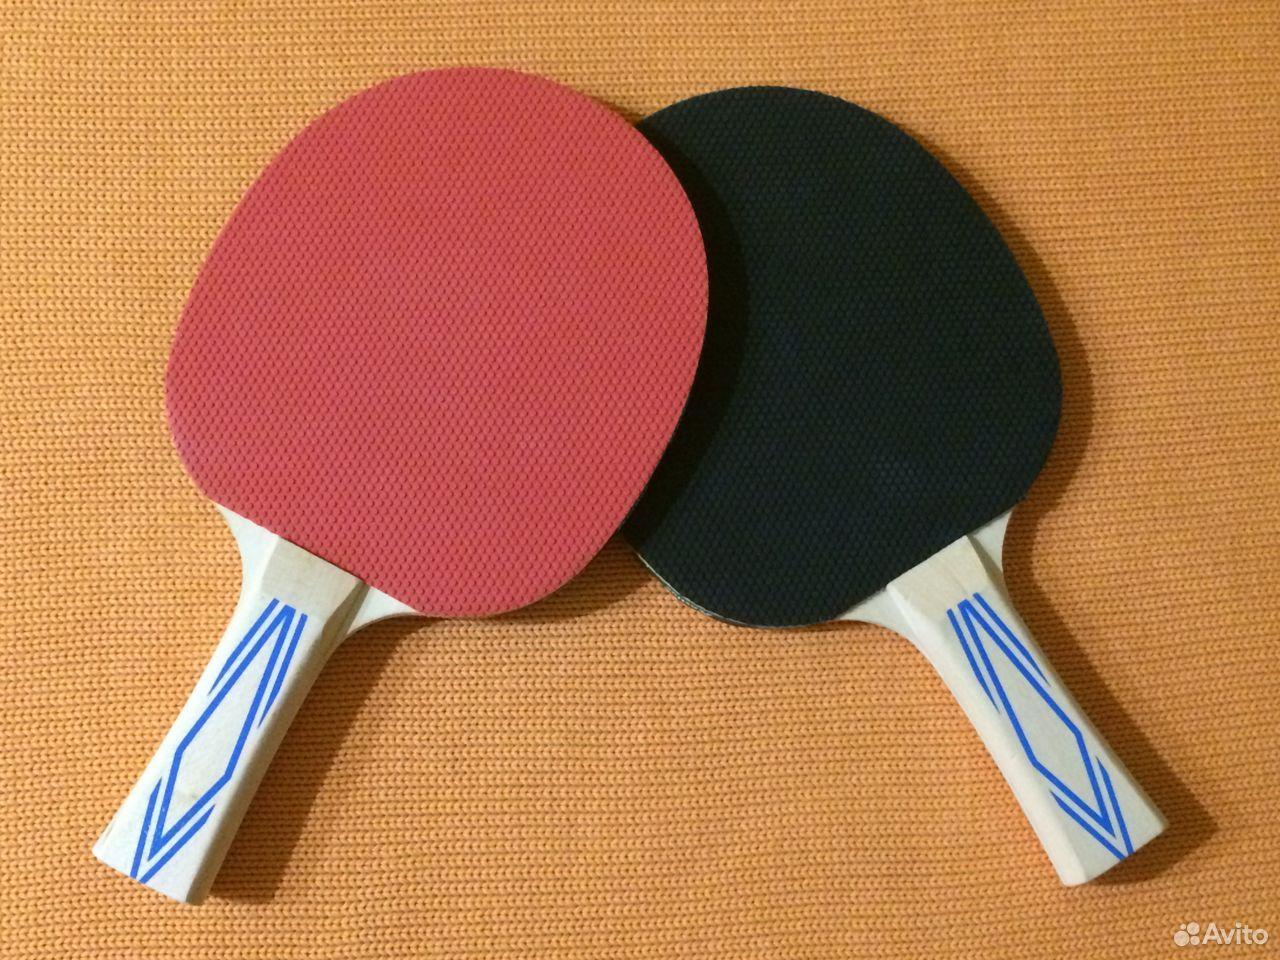 Ракетки для настольного тенниса  89822449336 купить 1